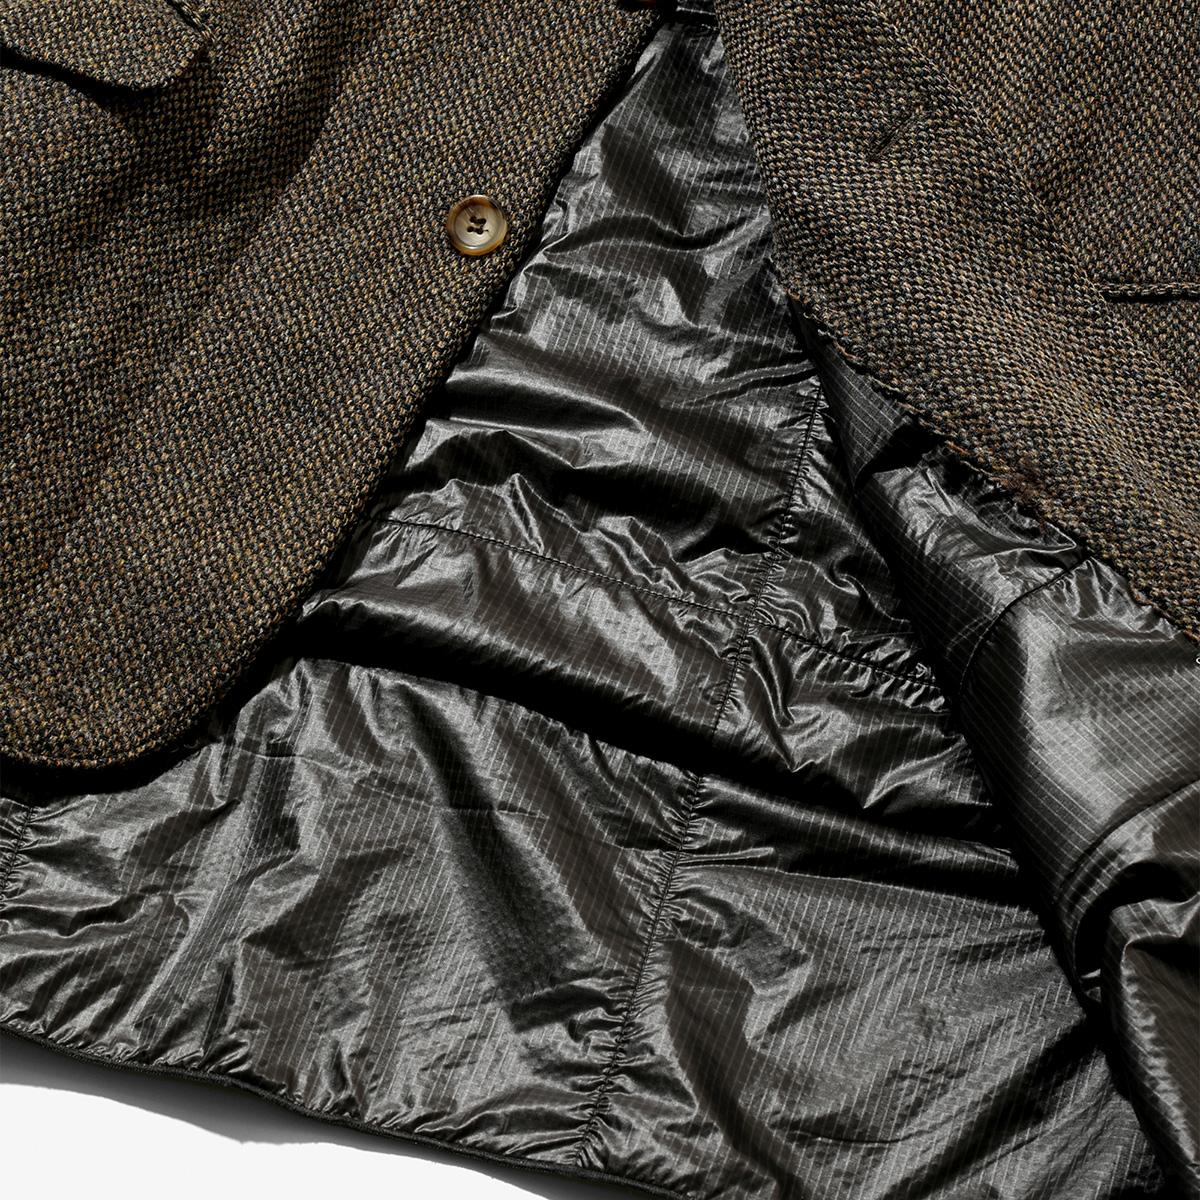 〈REBUILD by NEEDLES〉新型アイテムのジャケットとコートが登場